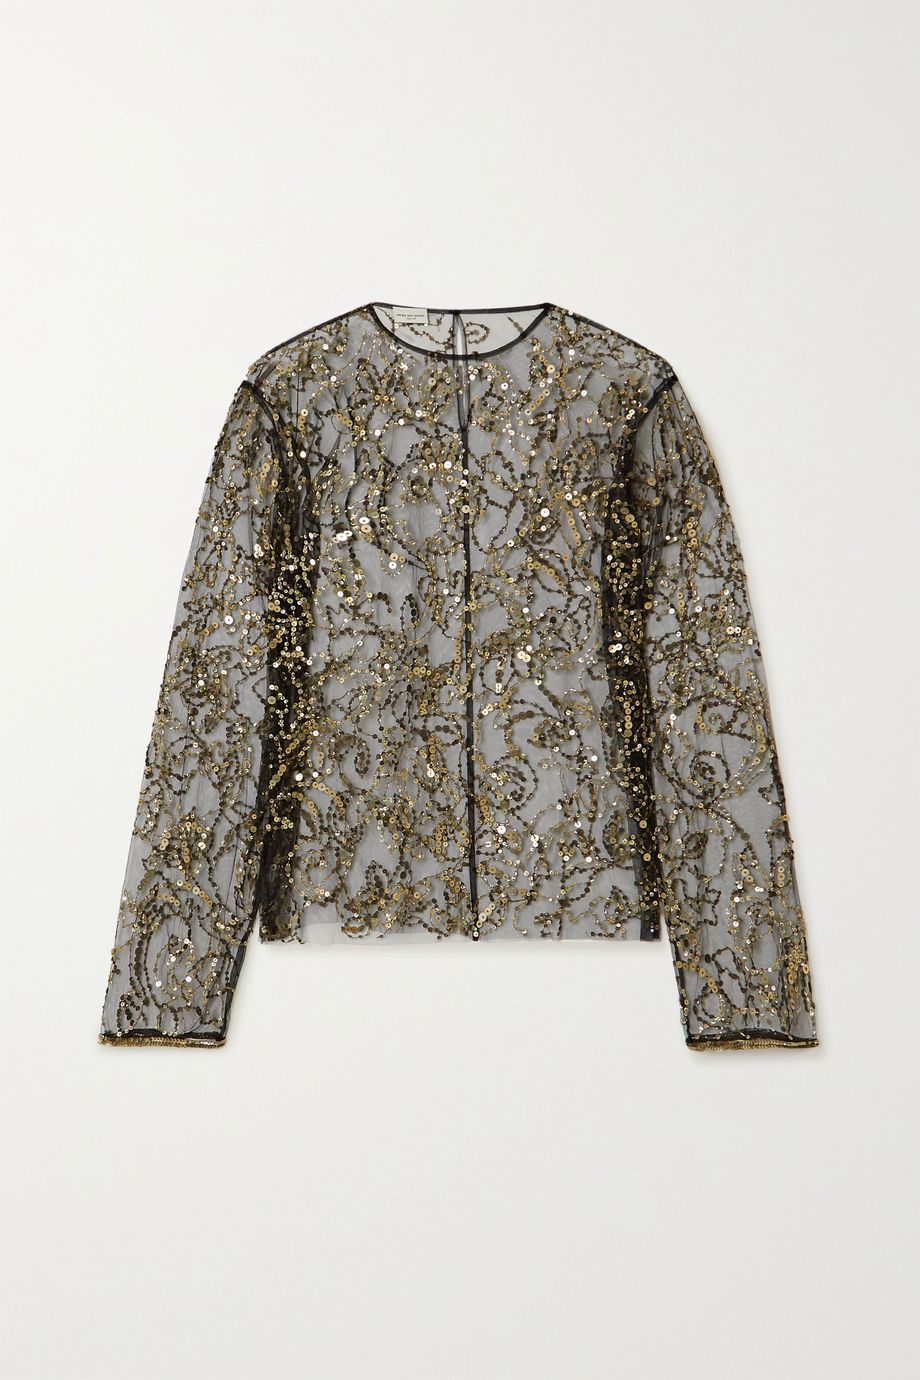 Dries Van Noten Sequin-embellished tulle blouse